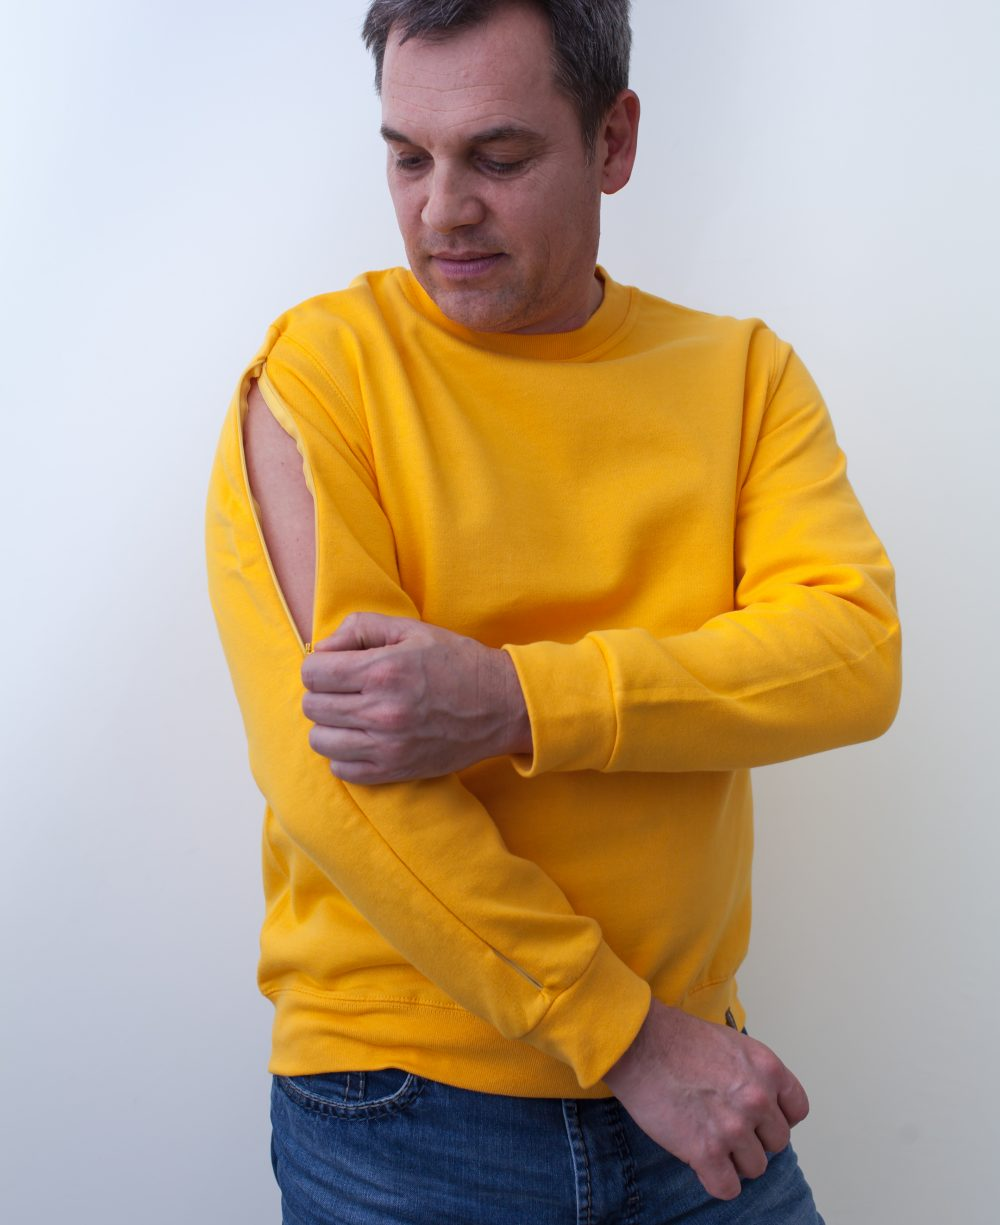 gelb-Herren-Rollkragenshirt-für-Dialysepatienten-mit-individuellem-Reißverschluss-Diazipp-Dialyse-bekleidung-Dialyse-Infusion